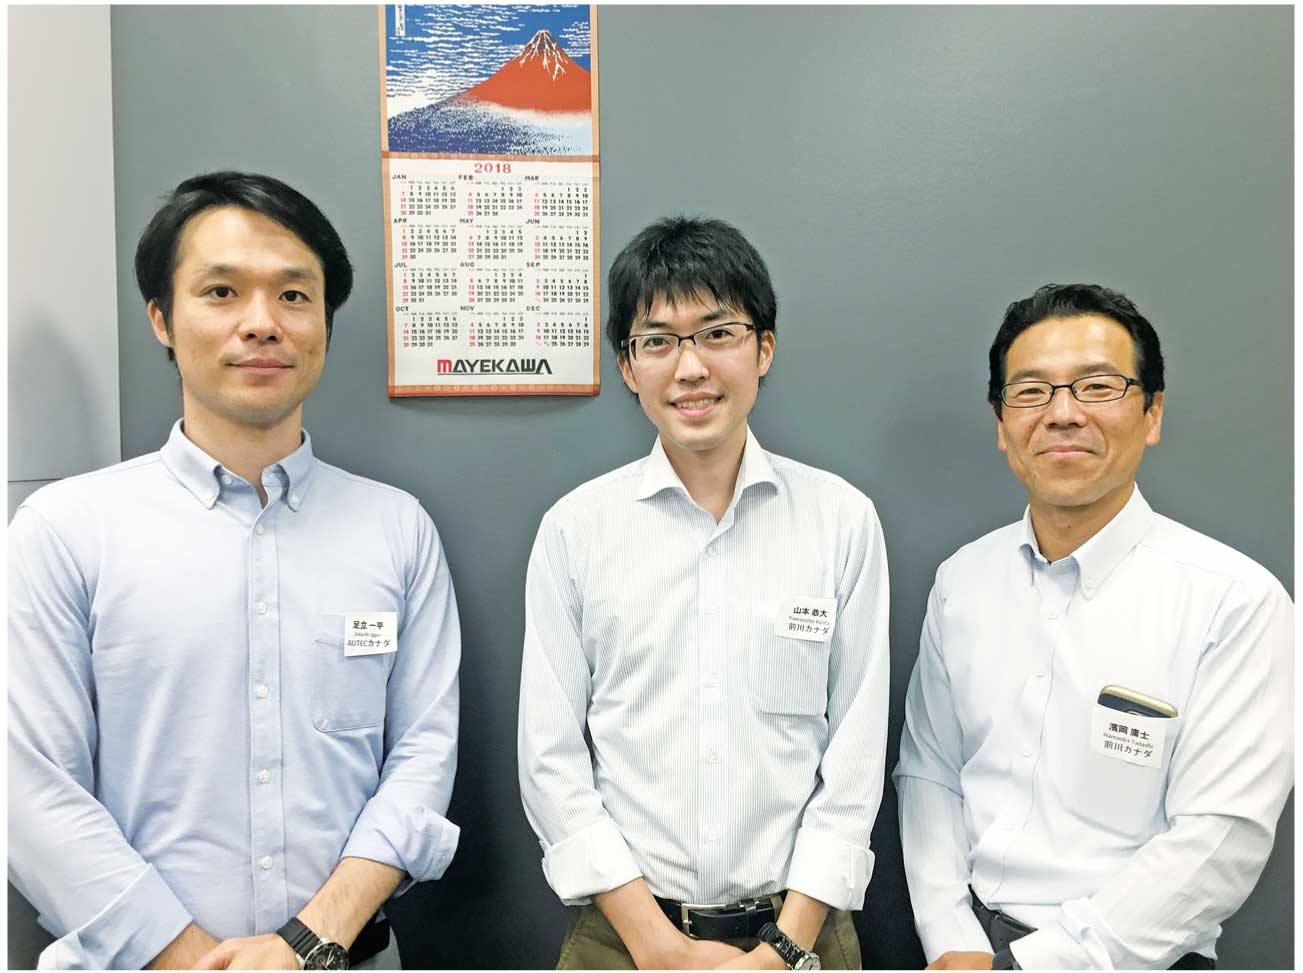 カナダにいる日本人留学生の就職...